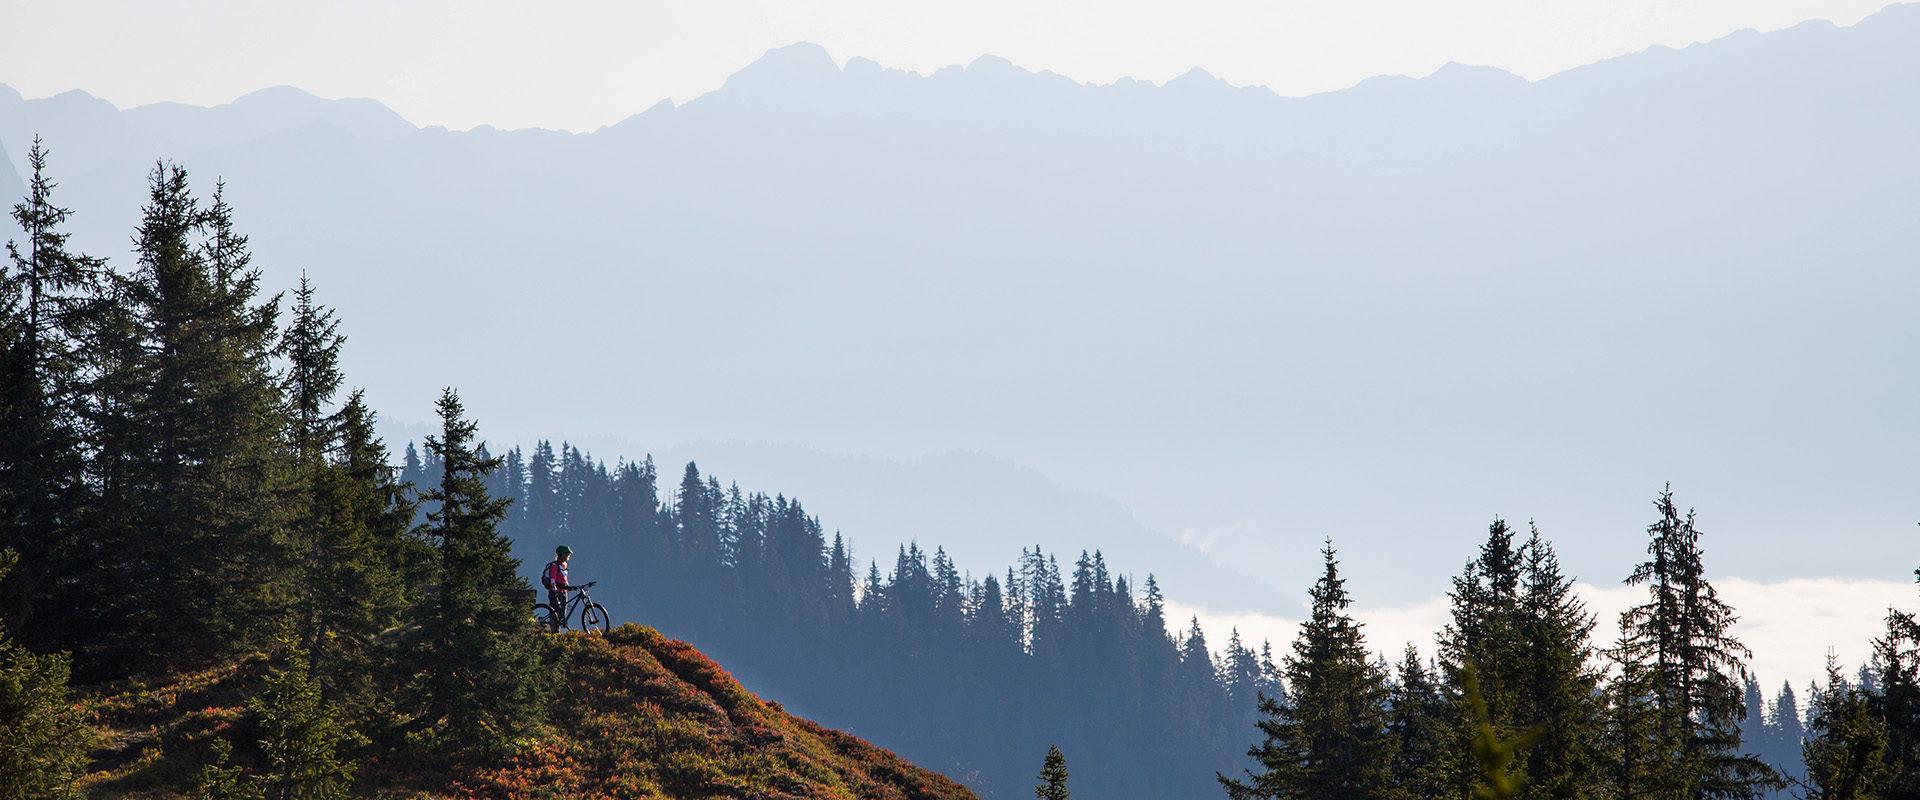 Mountainbiker in den Bergen mit traum Aussicht und rot herbstlichen Heidelbeerstauden